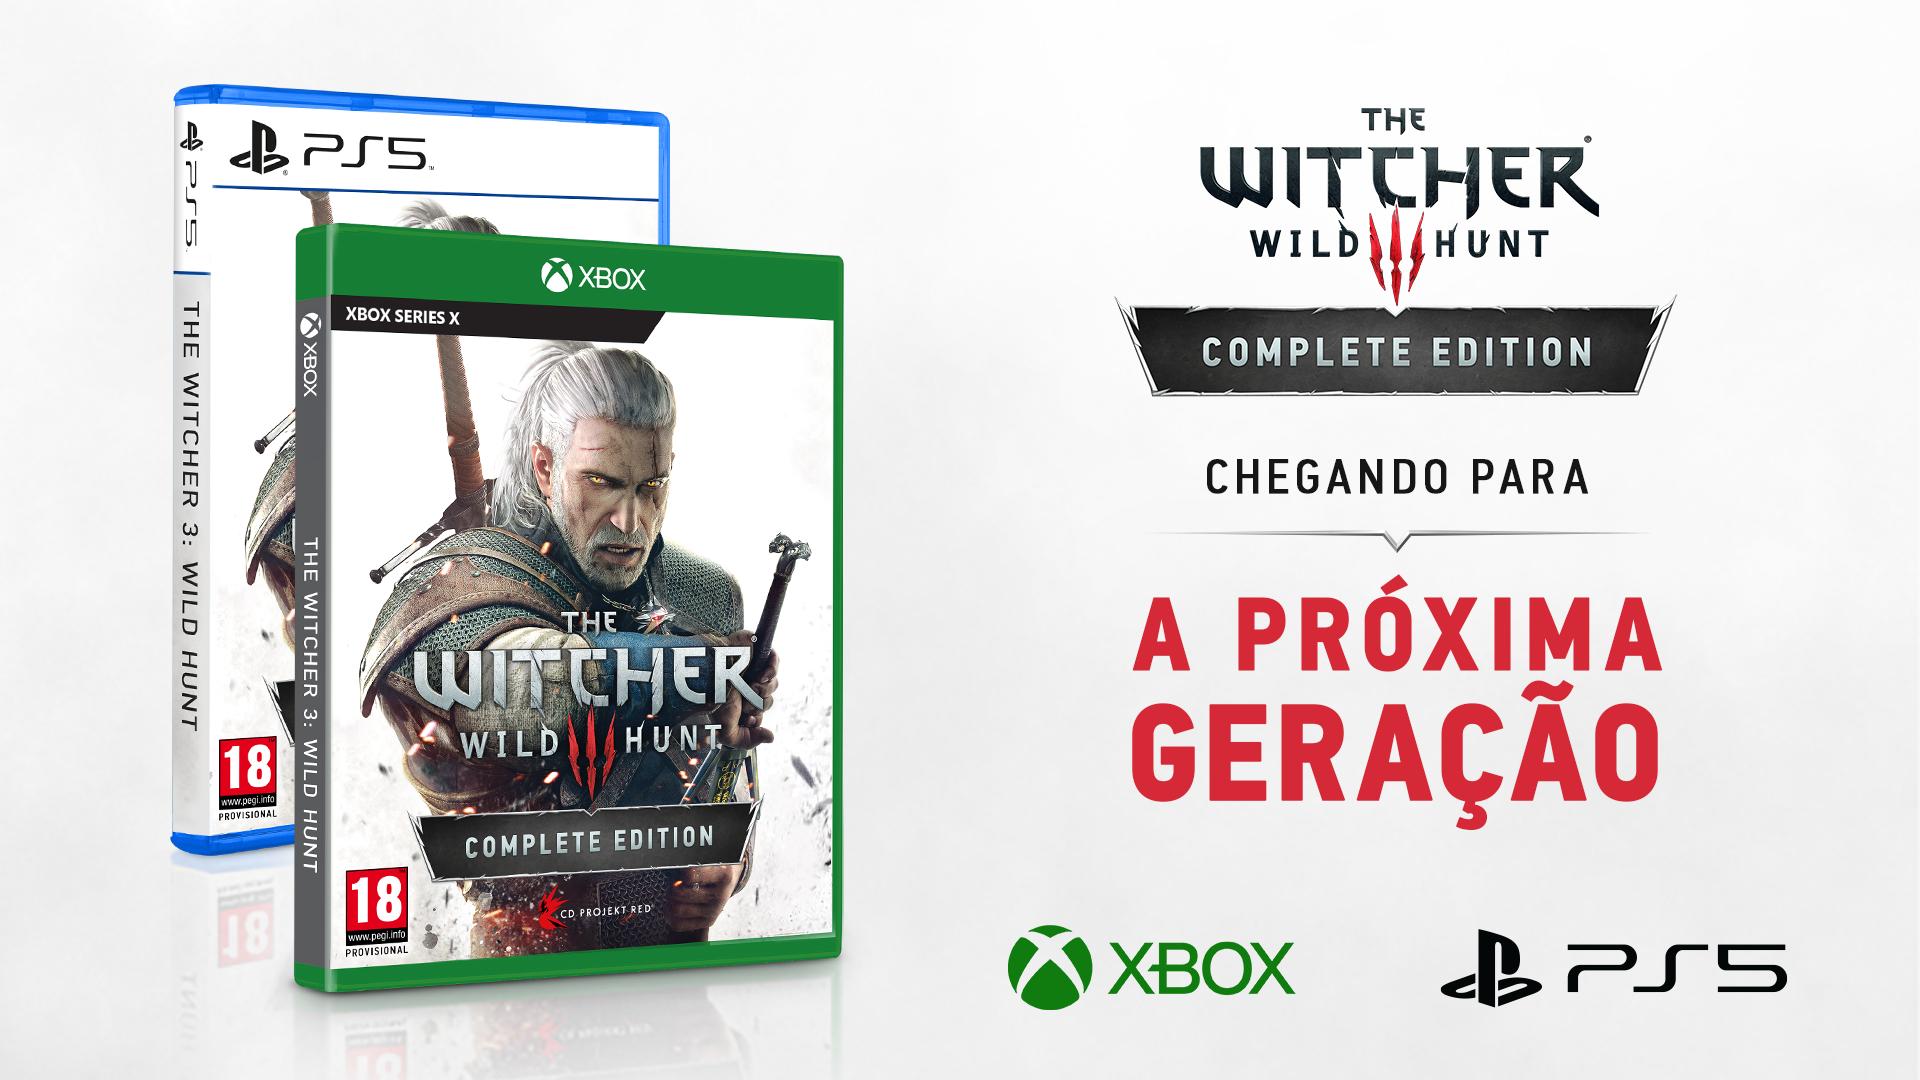 Jogos: The Witcher 3 será lançado para PS5 e Xbox Series no segundo semestre